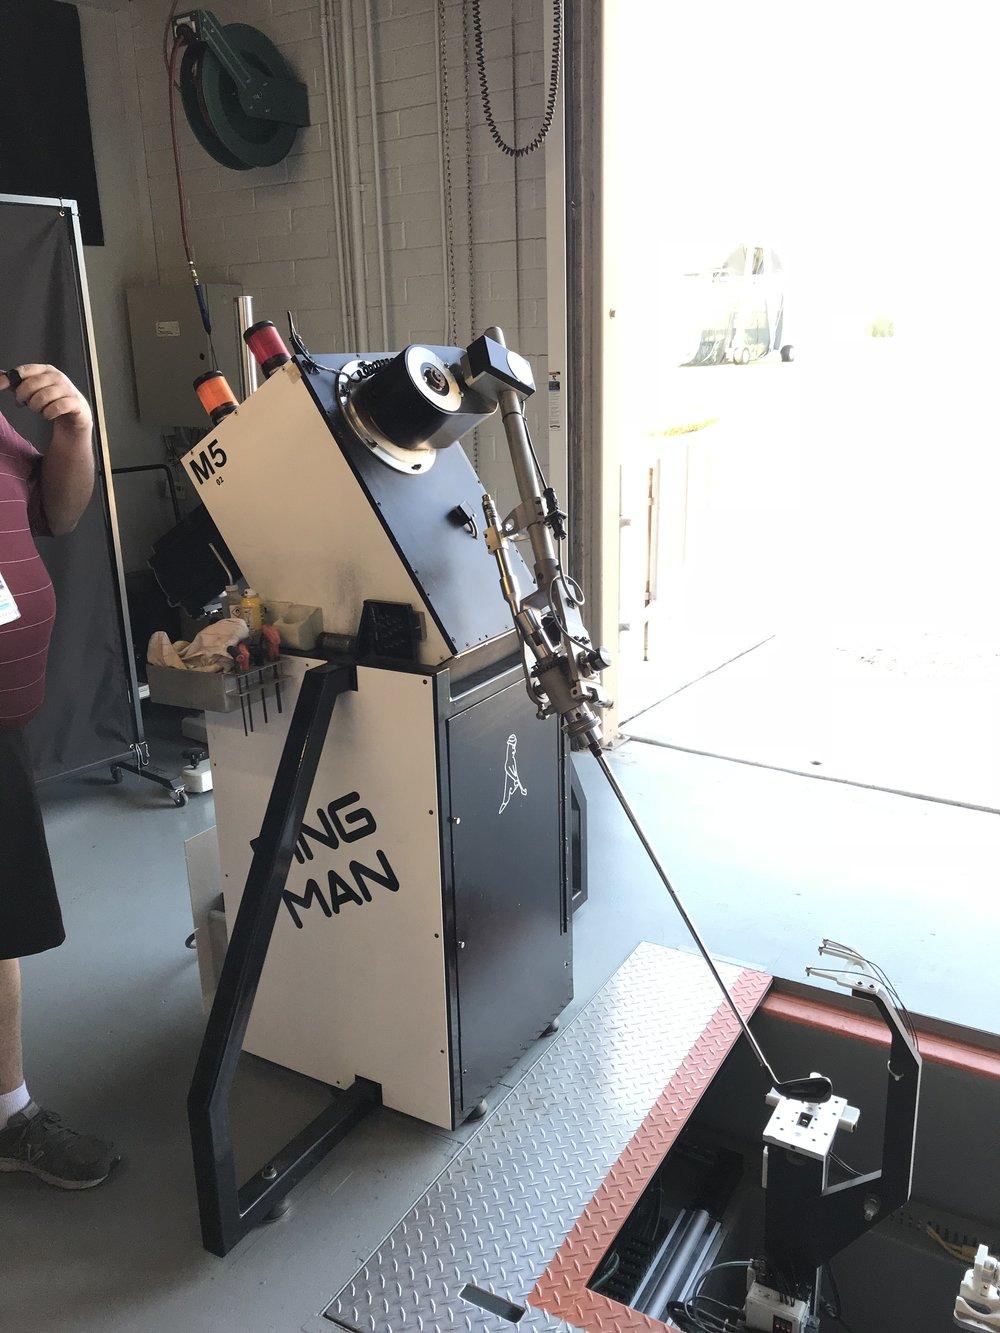 The PingMan Robot